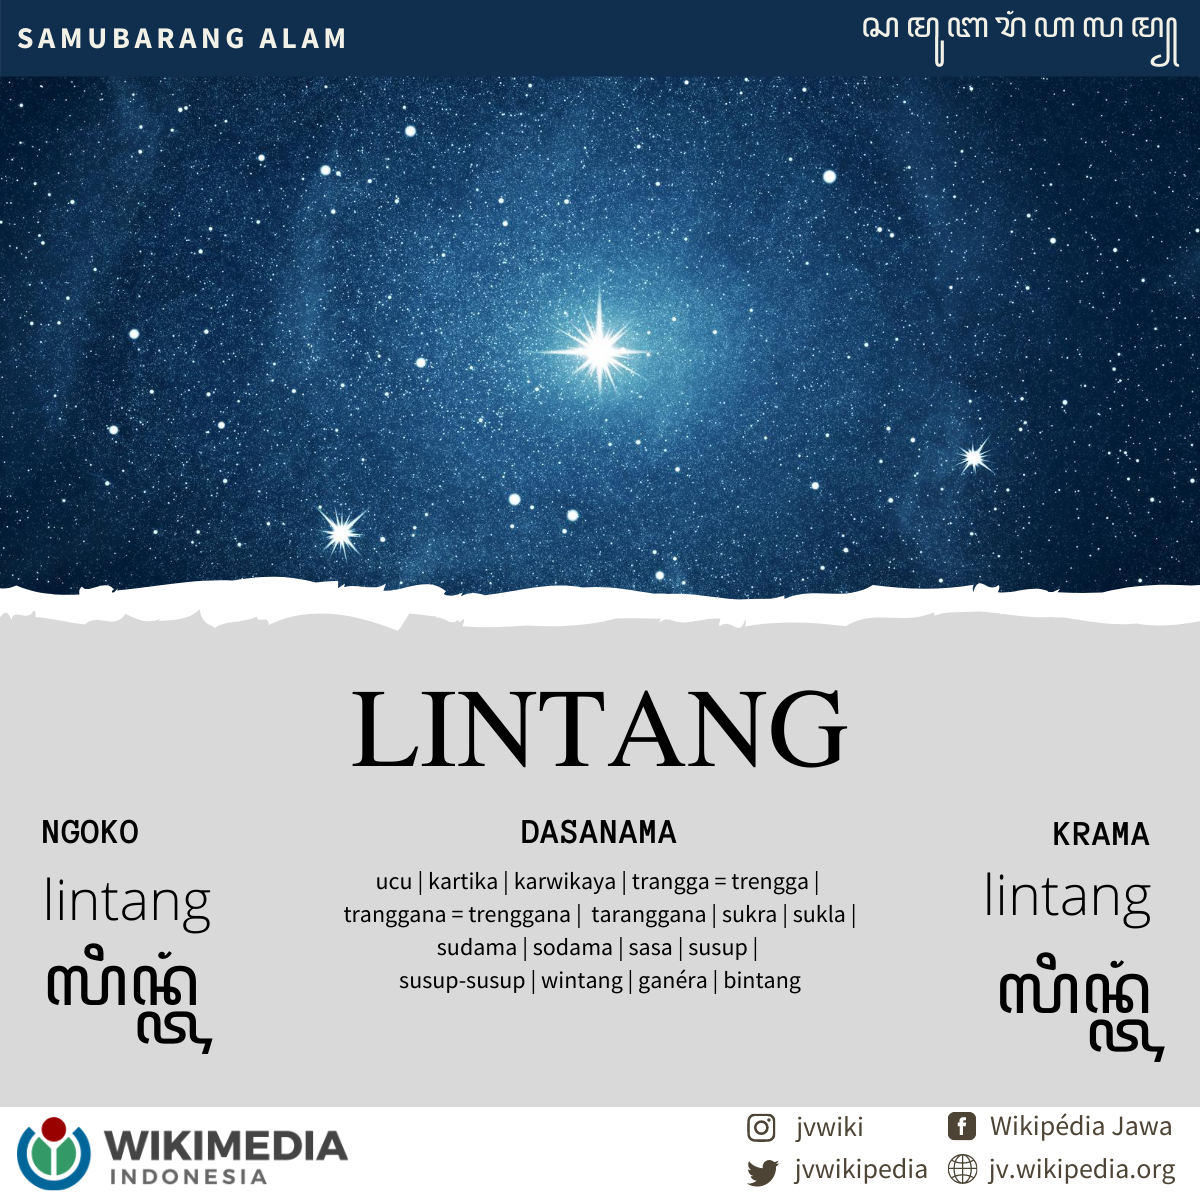 Kiriman Wikipédia Jawa dina iki bab #SamubarangAlam. - Kintunan Wikipédia Jawa dinten punika bab #SamukawisAlam. - Ngoko-Krama: lintang (ꦉꦩ꧀ꦧꦸꦭꦤ꧀)  #javanese #wikipedia #jawa #nature #star #alam #bintang https://t.co/W5OgQNZRHk